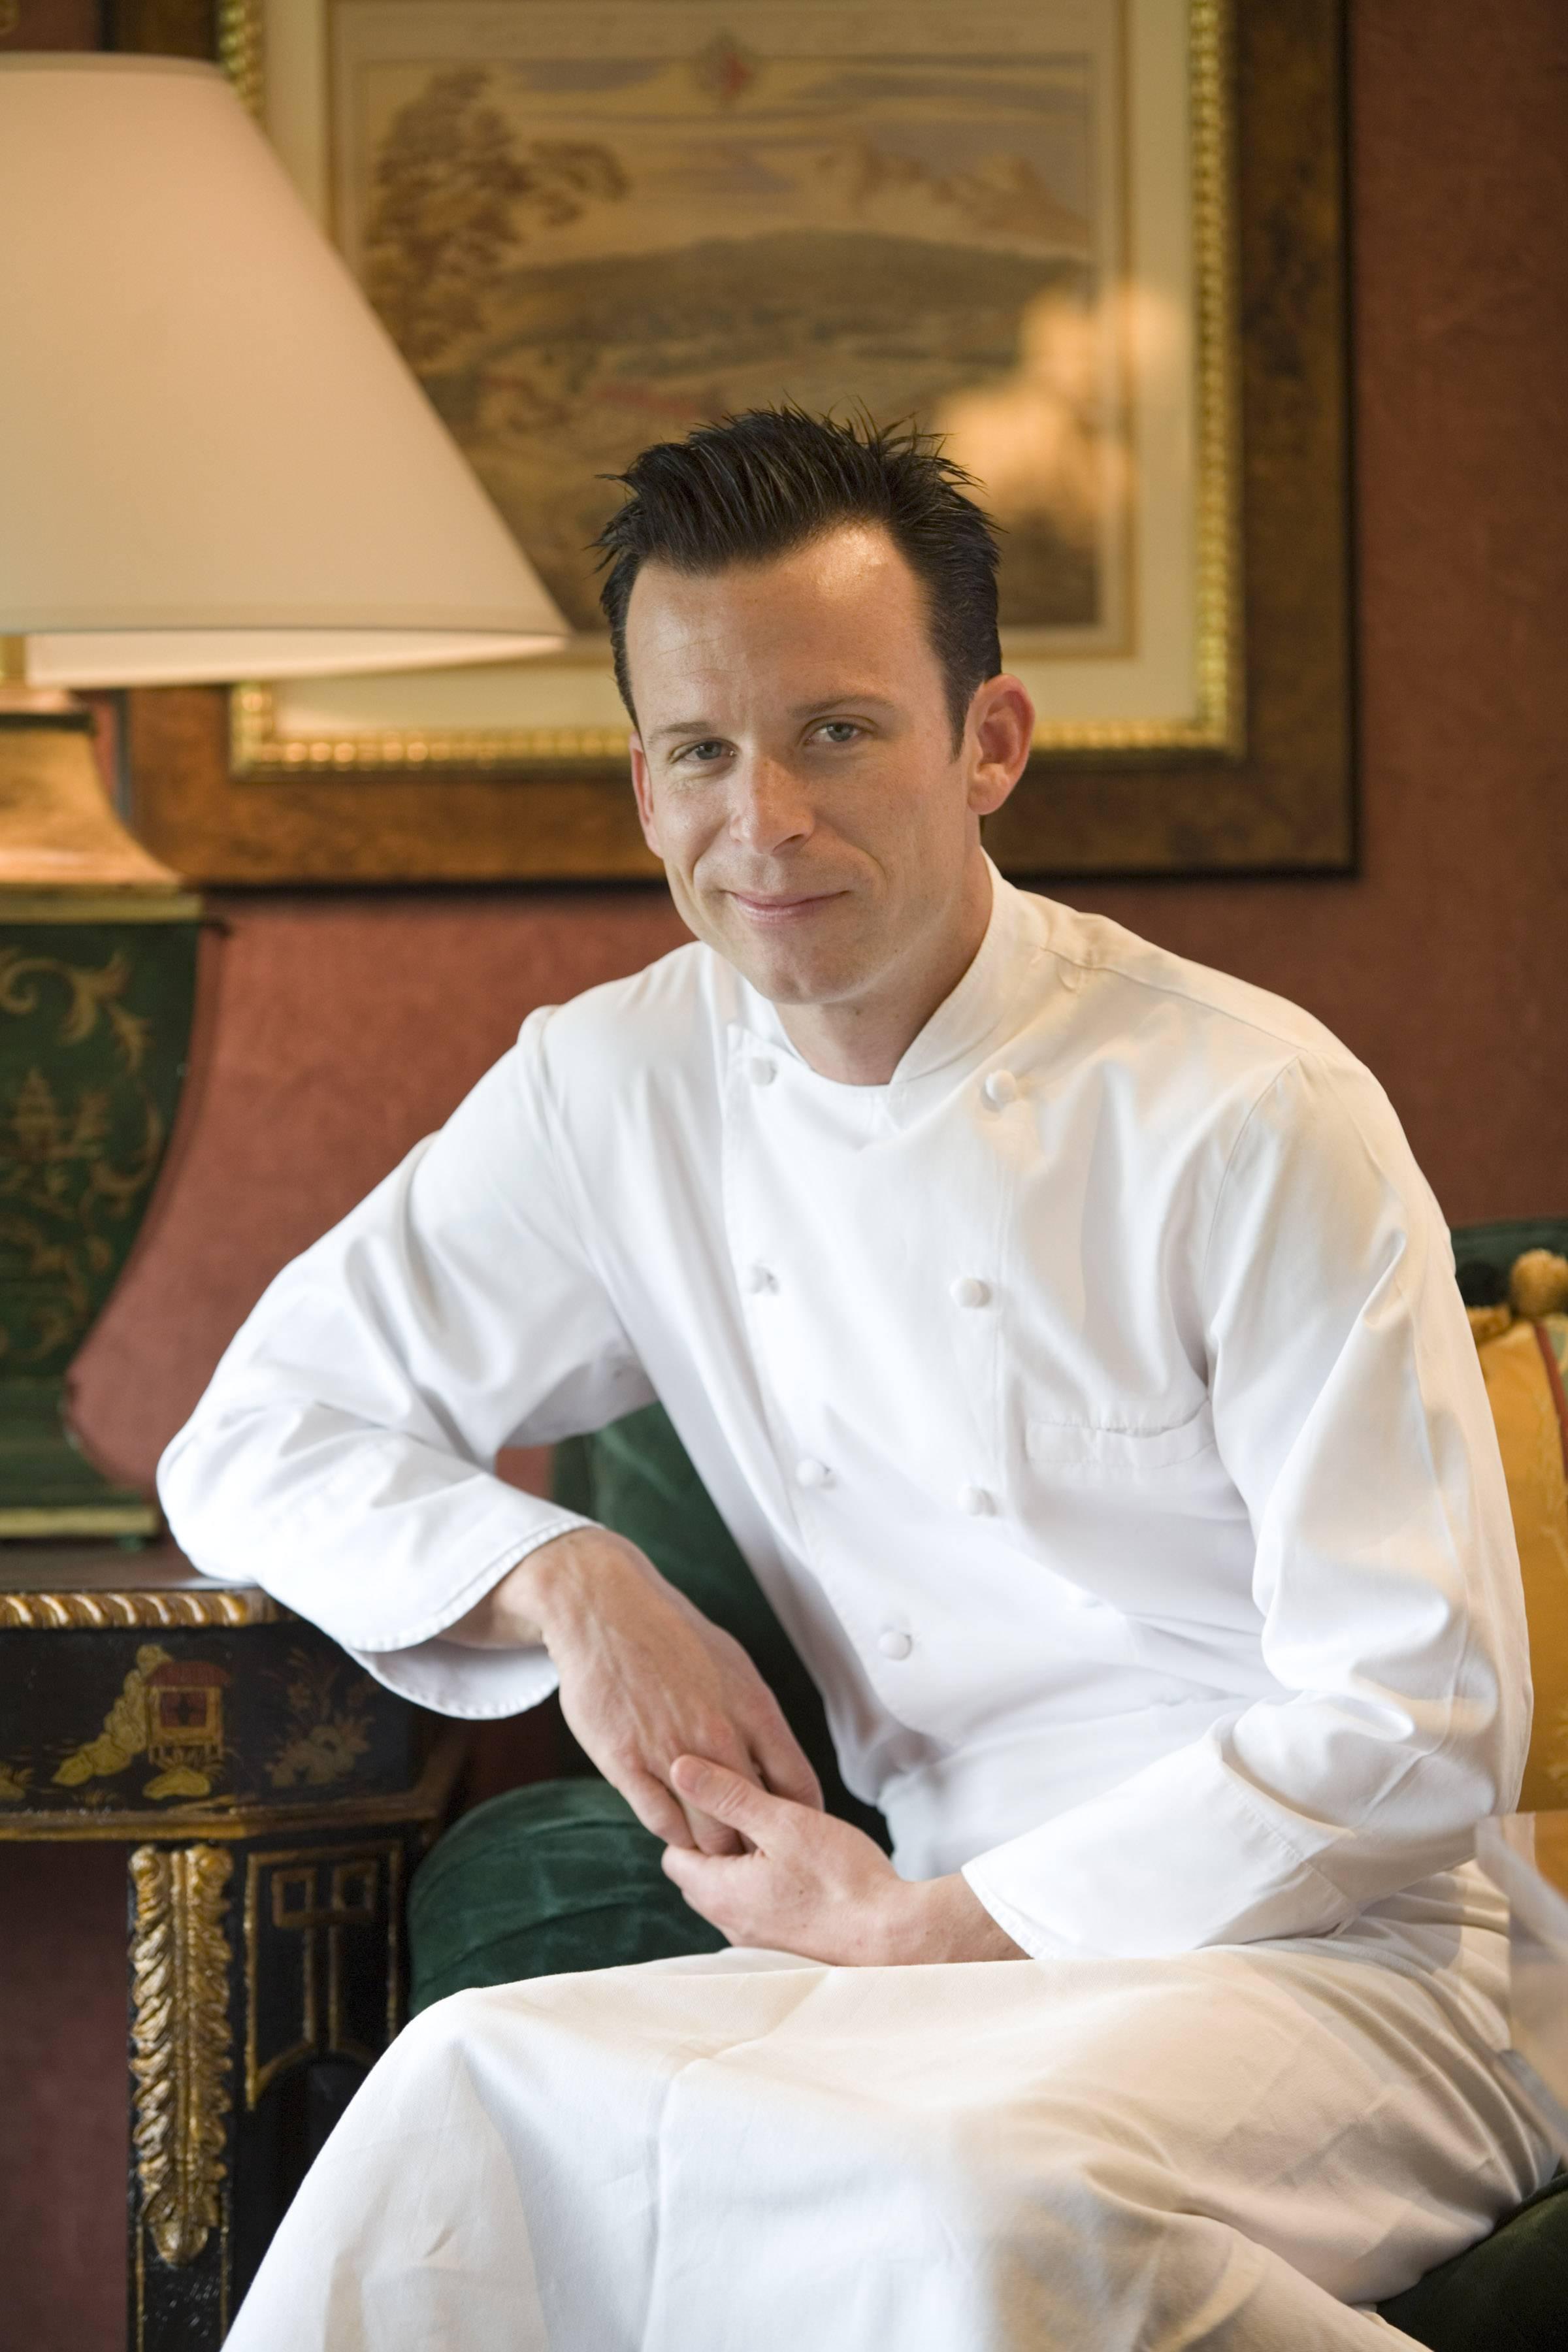 chef_bradley